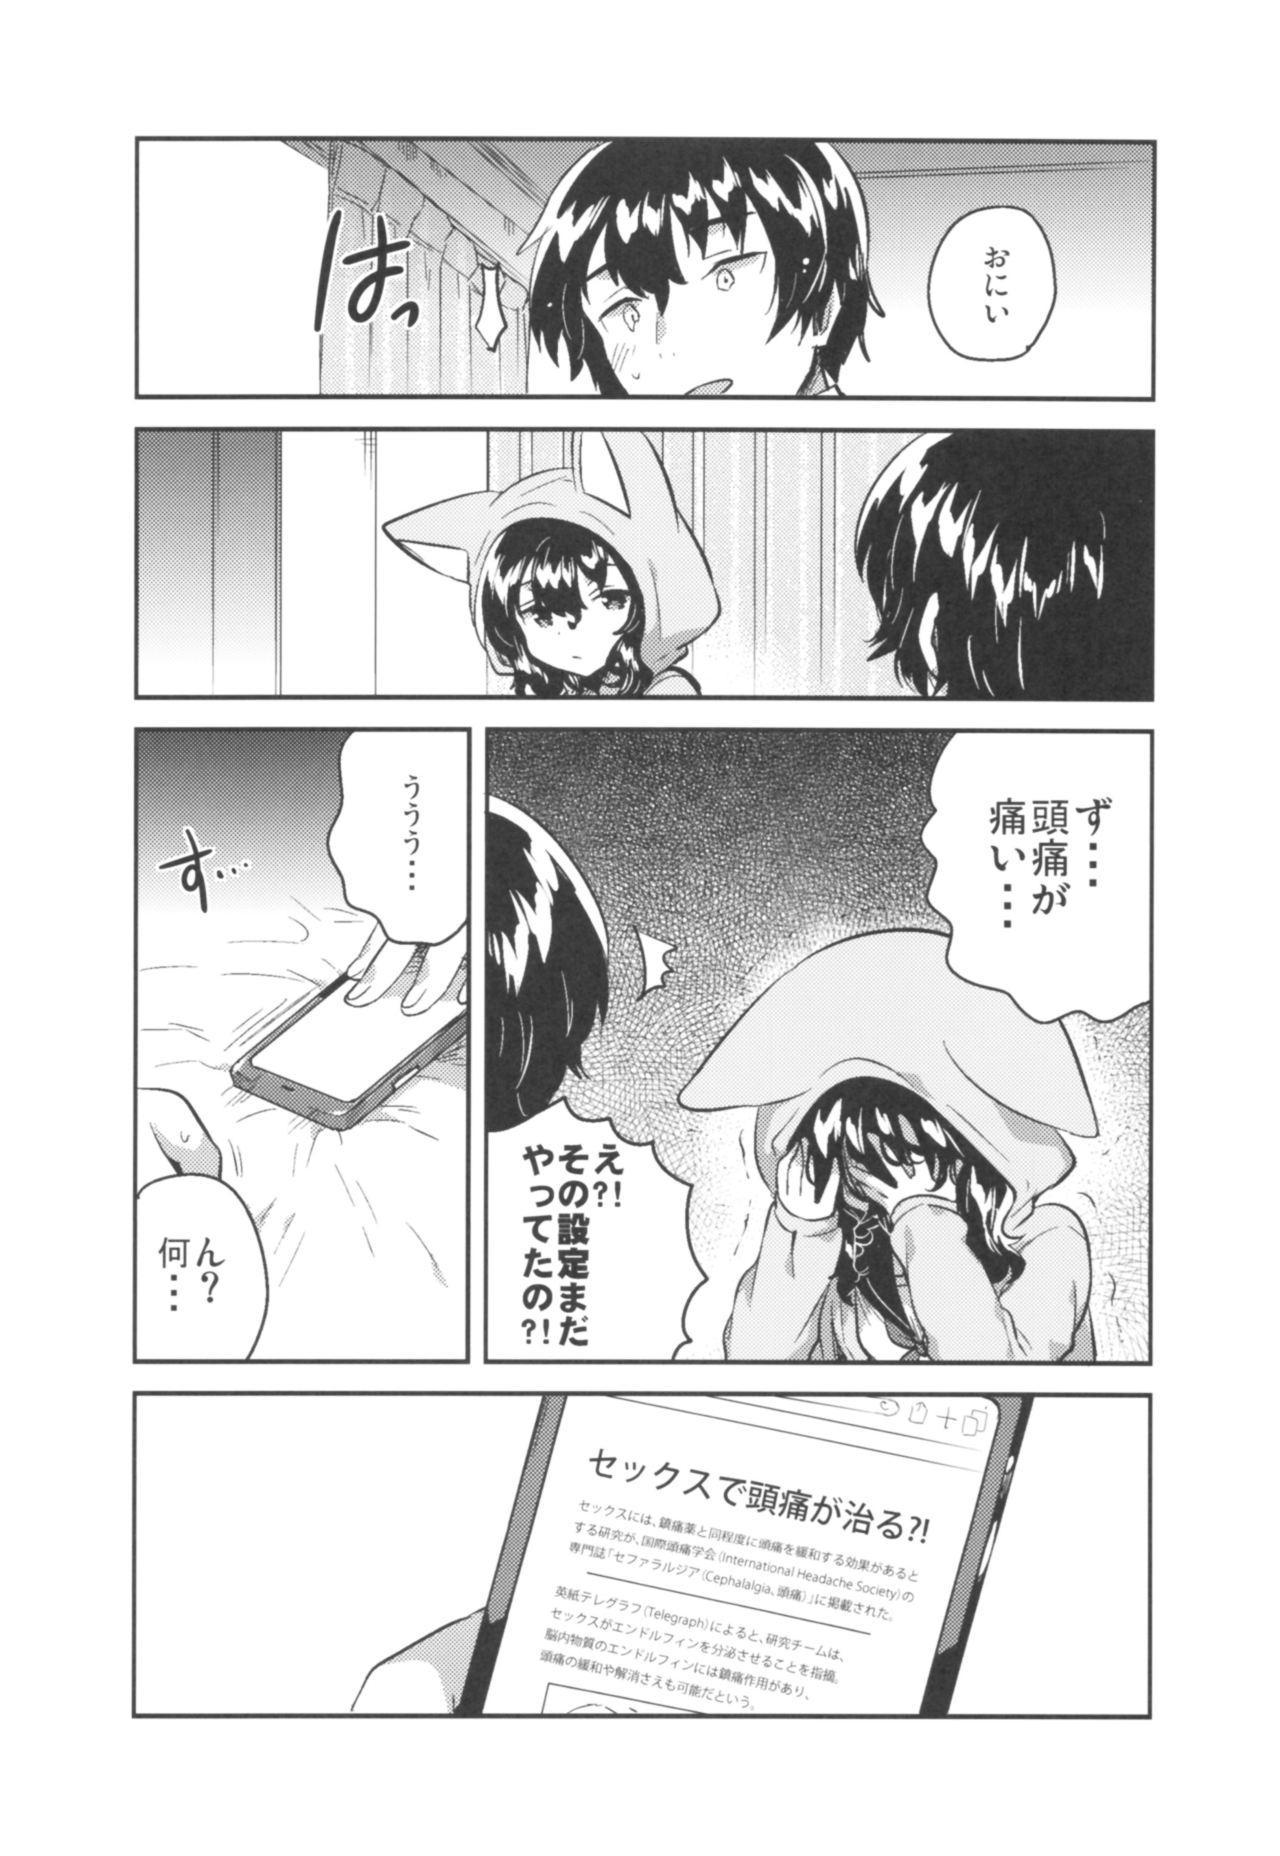 Imouto wa Hikikomori 7